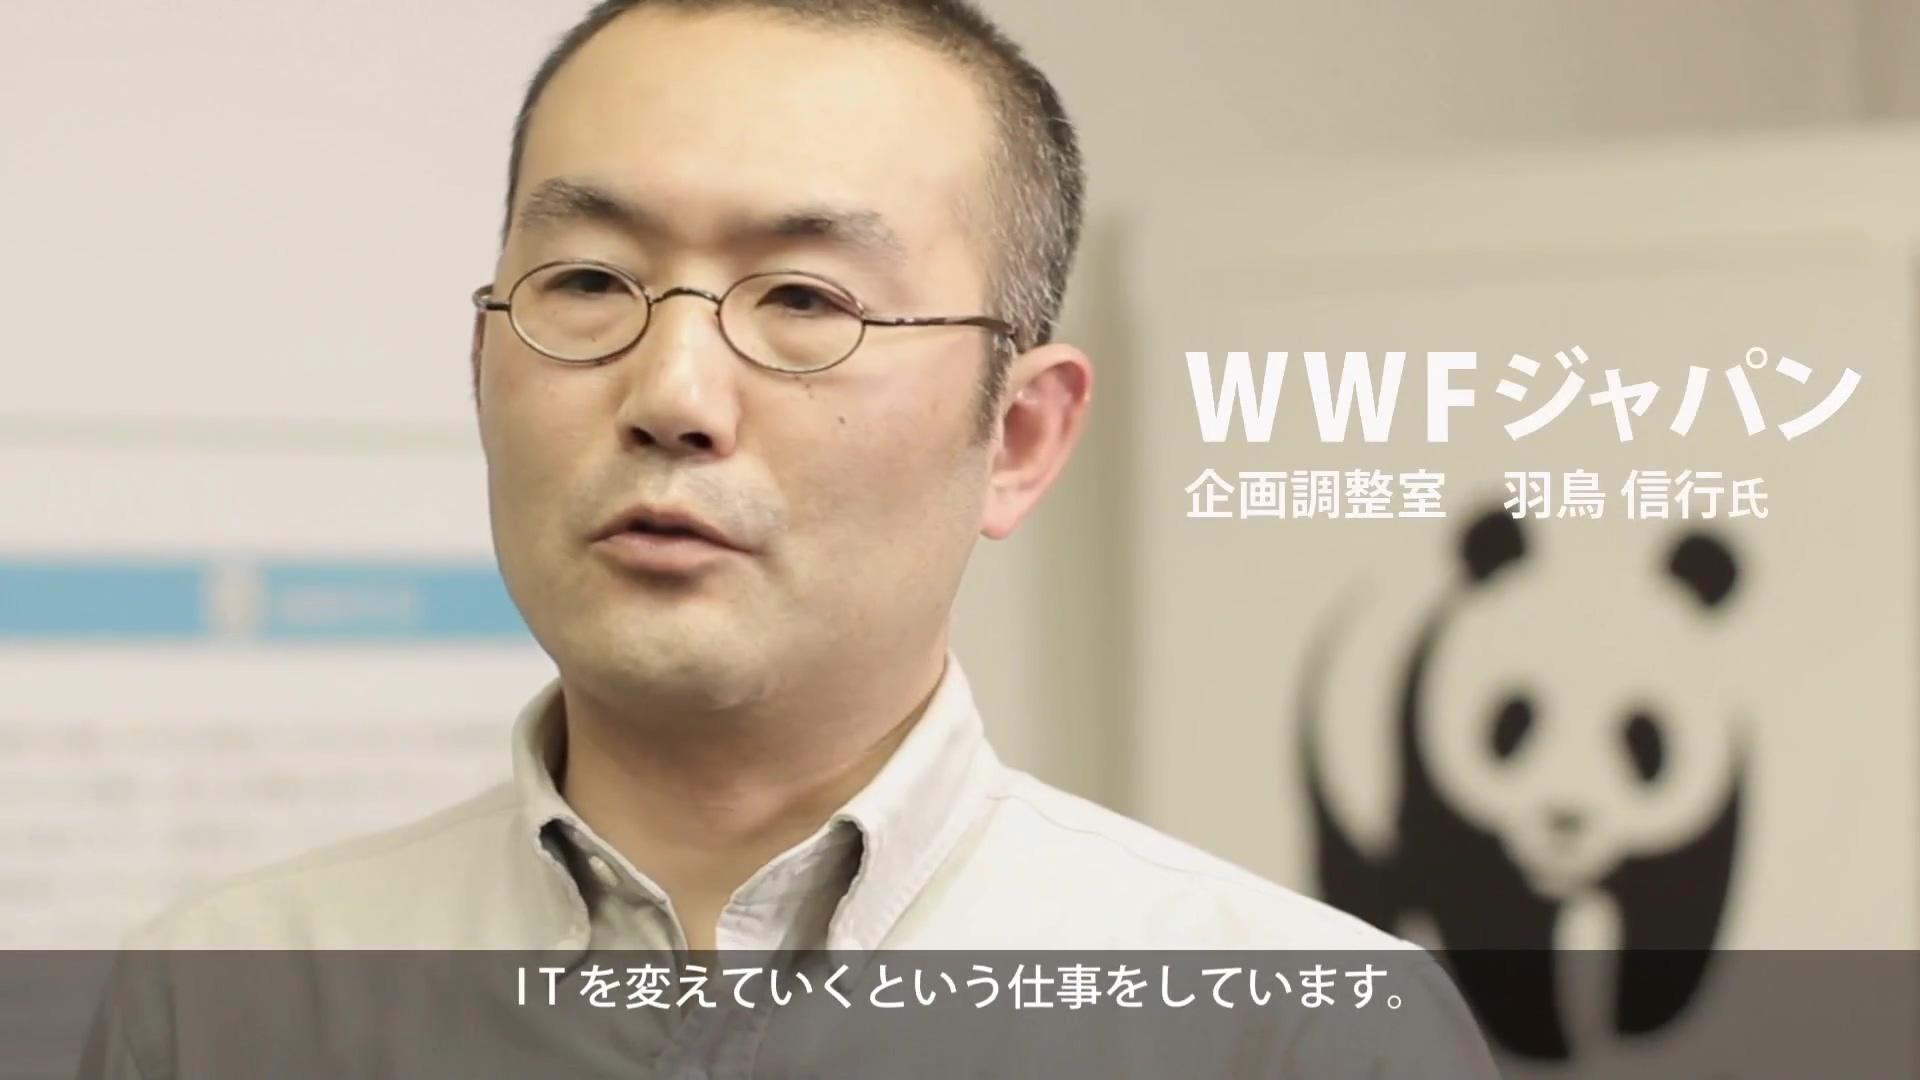 wwf-japan